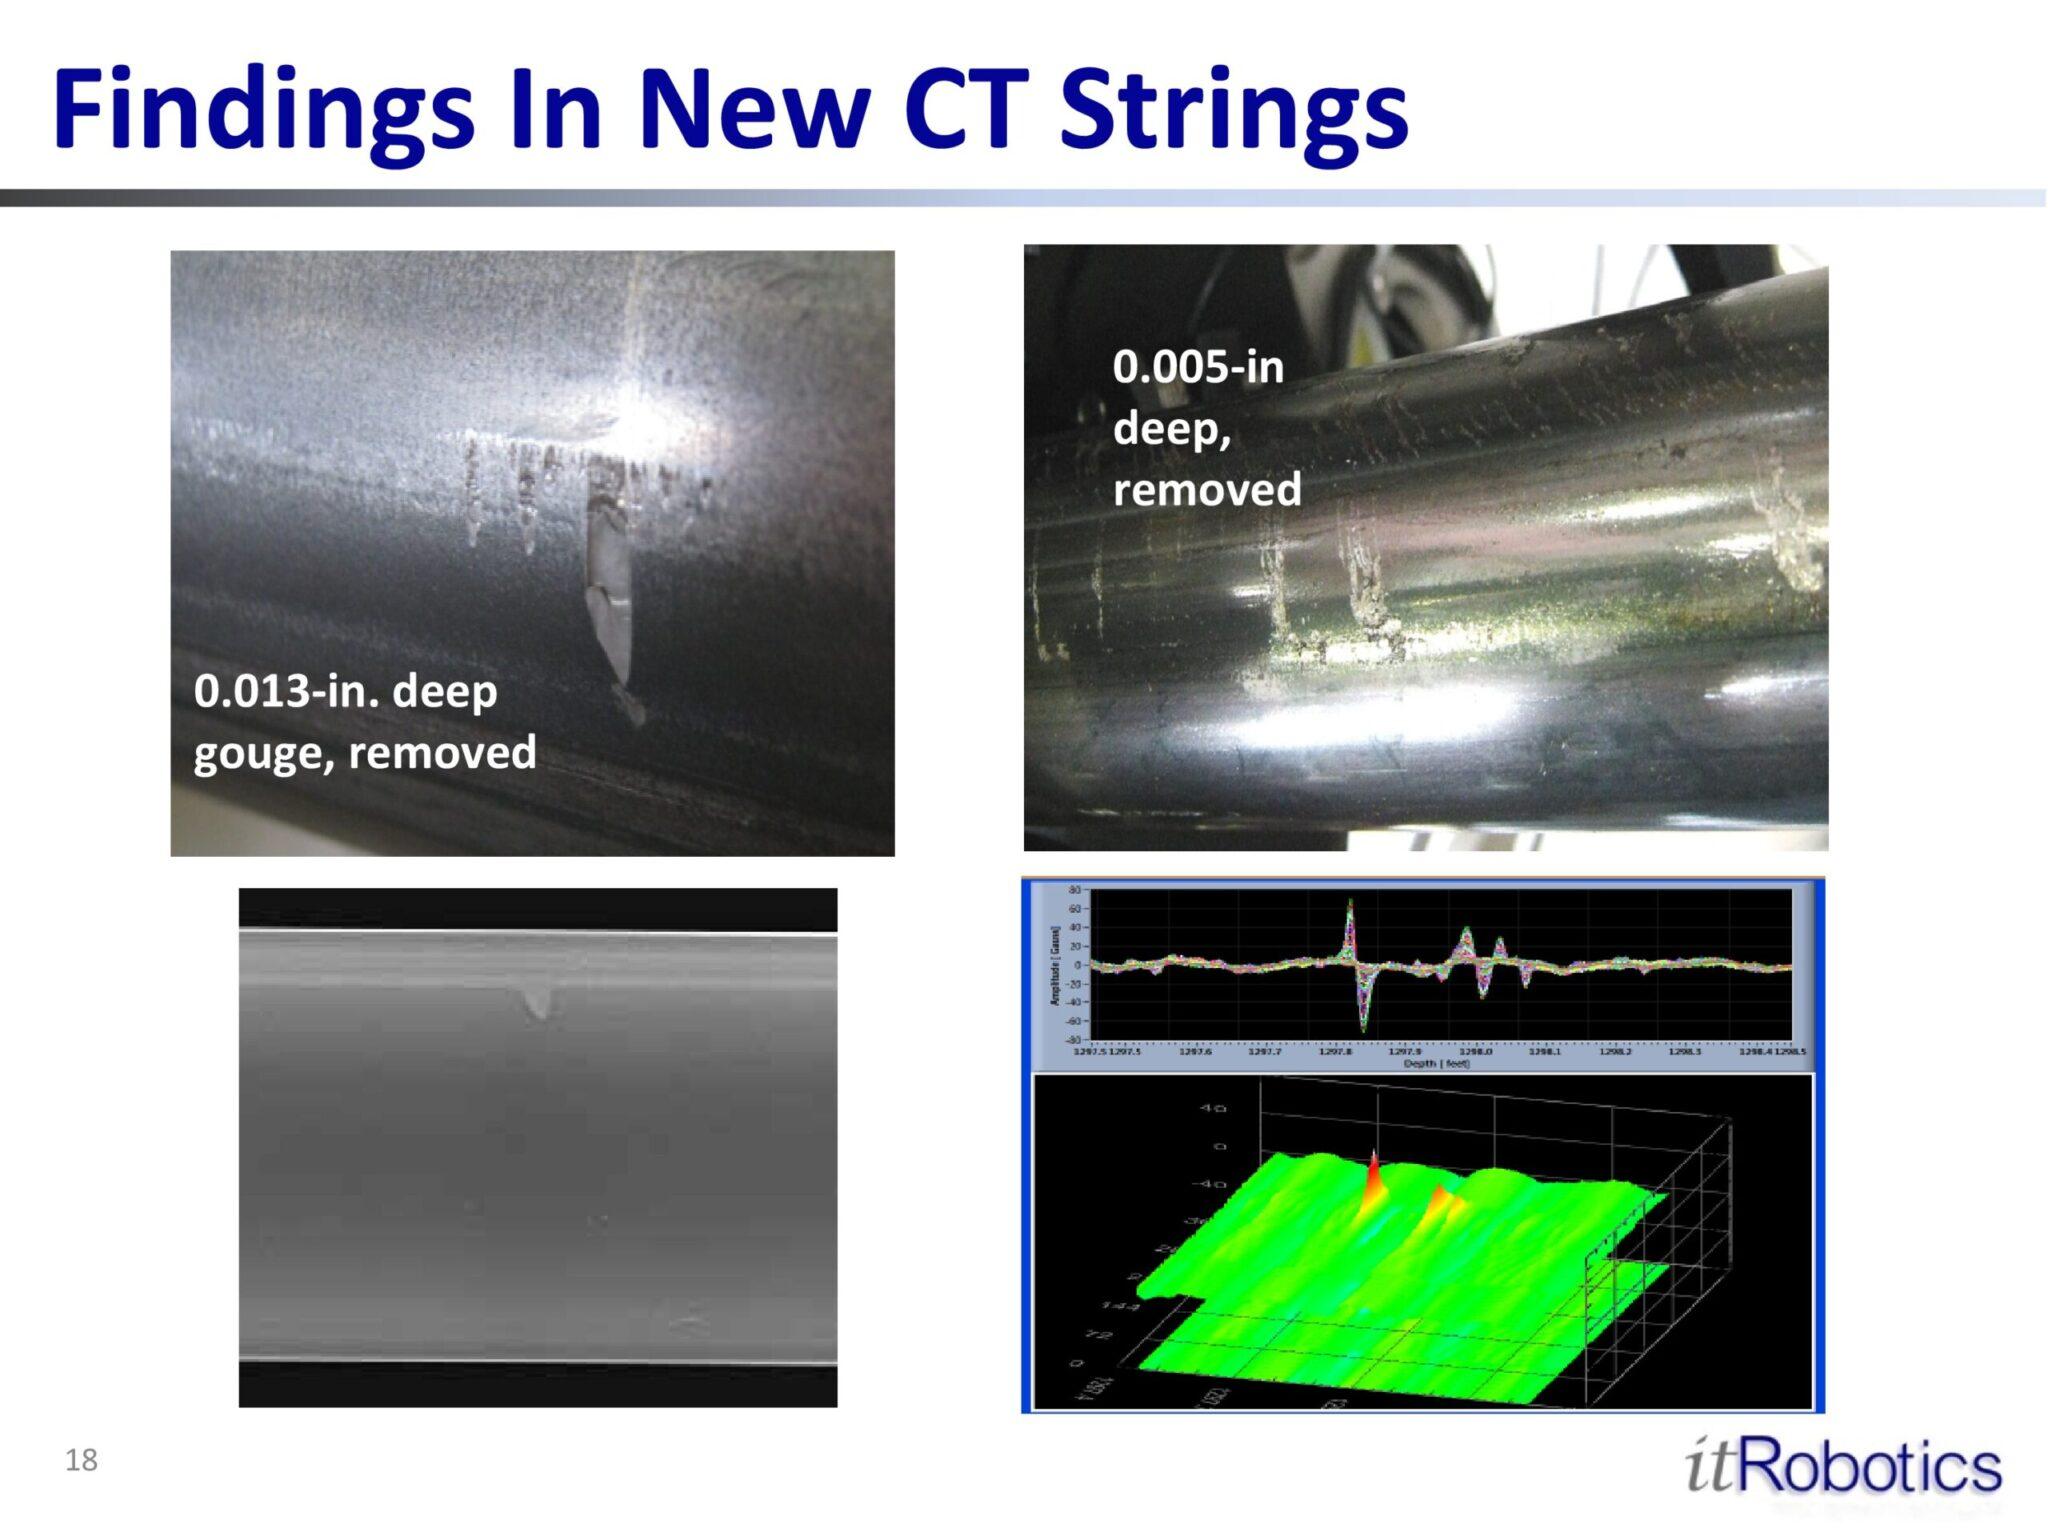 Findings In New CT Strings